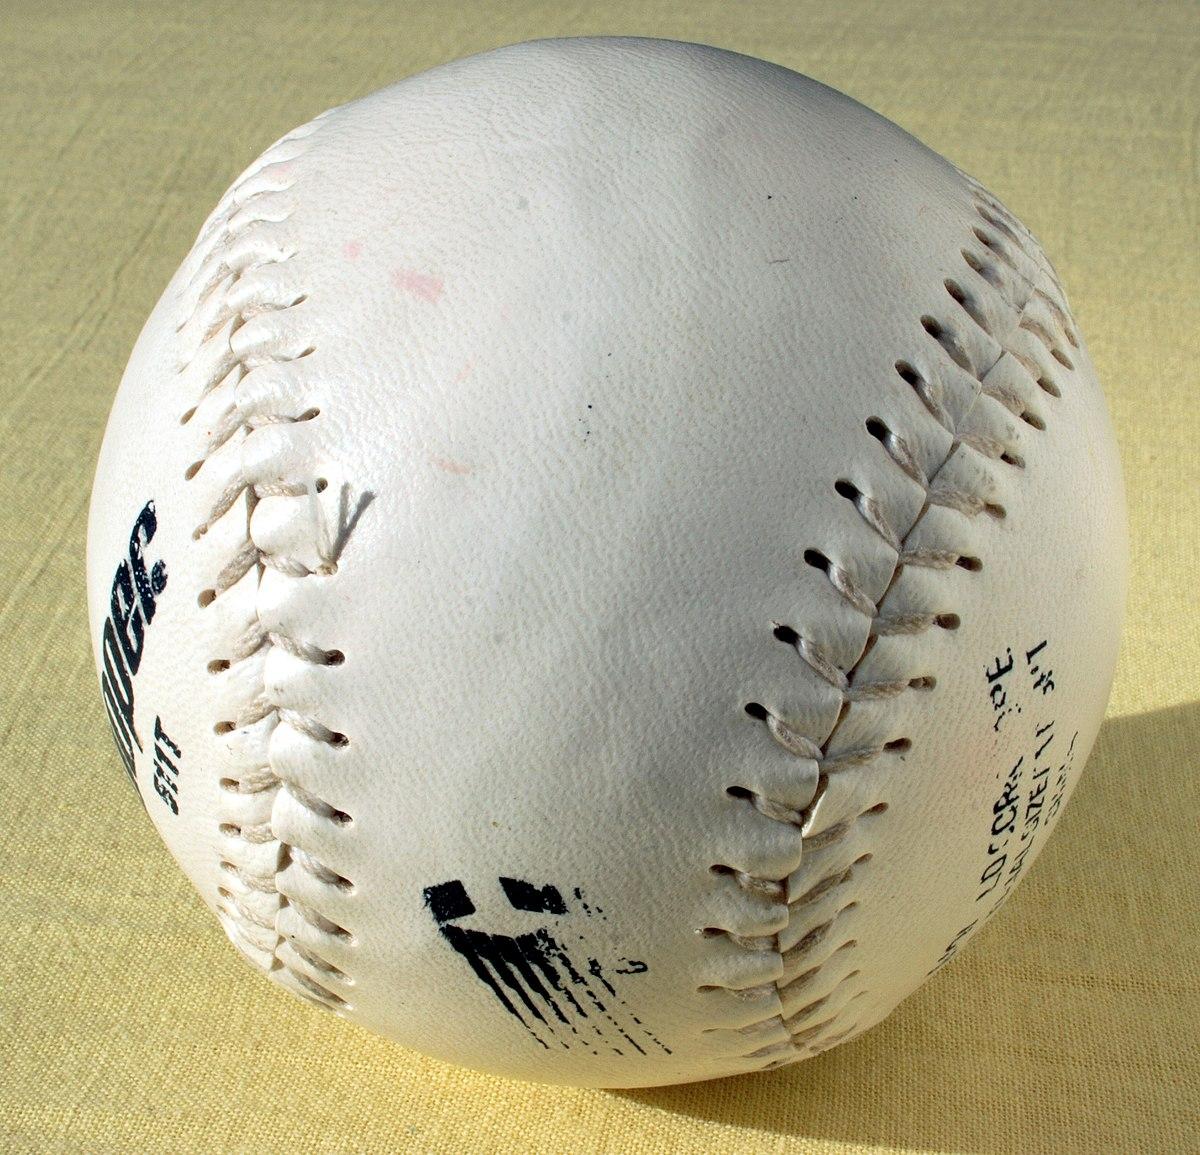 Softball: Wiktionary